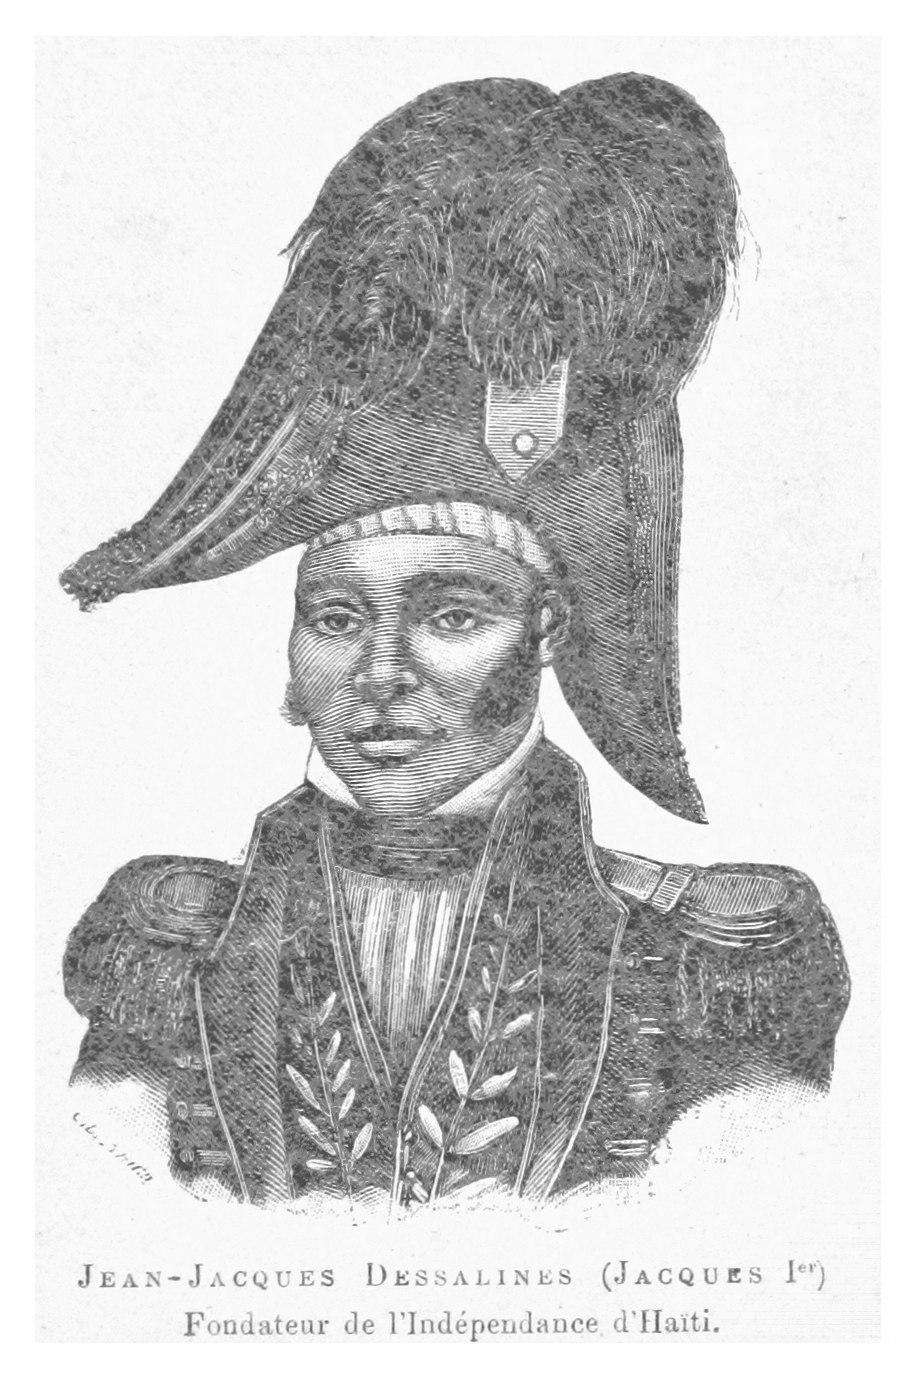 Jean-Jaques Dessalines (Fondateur de l'Independance d'Haiti)